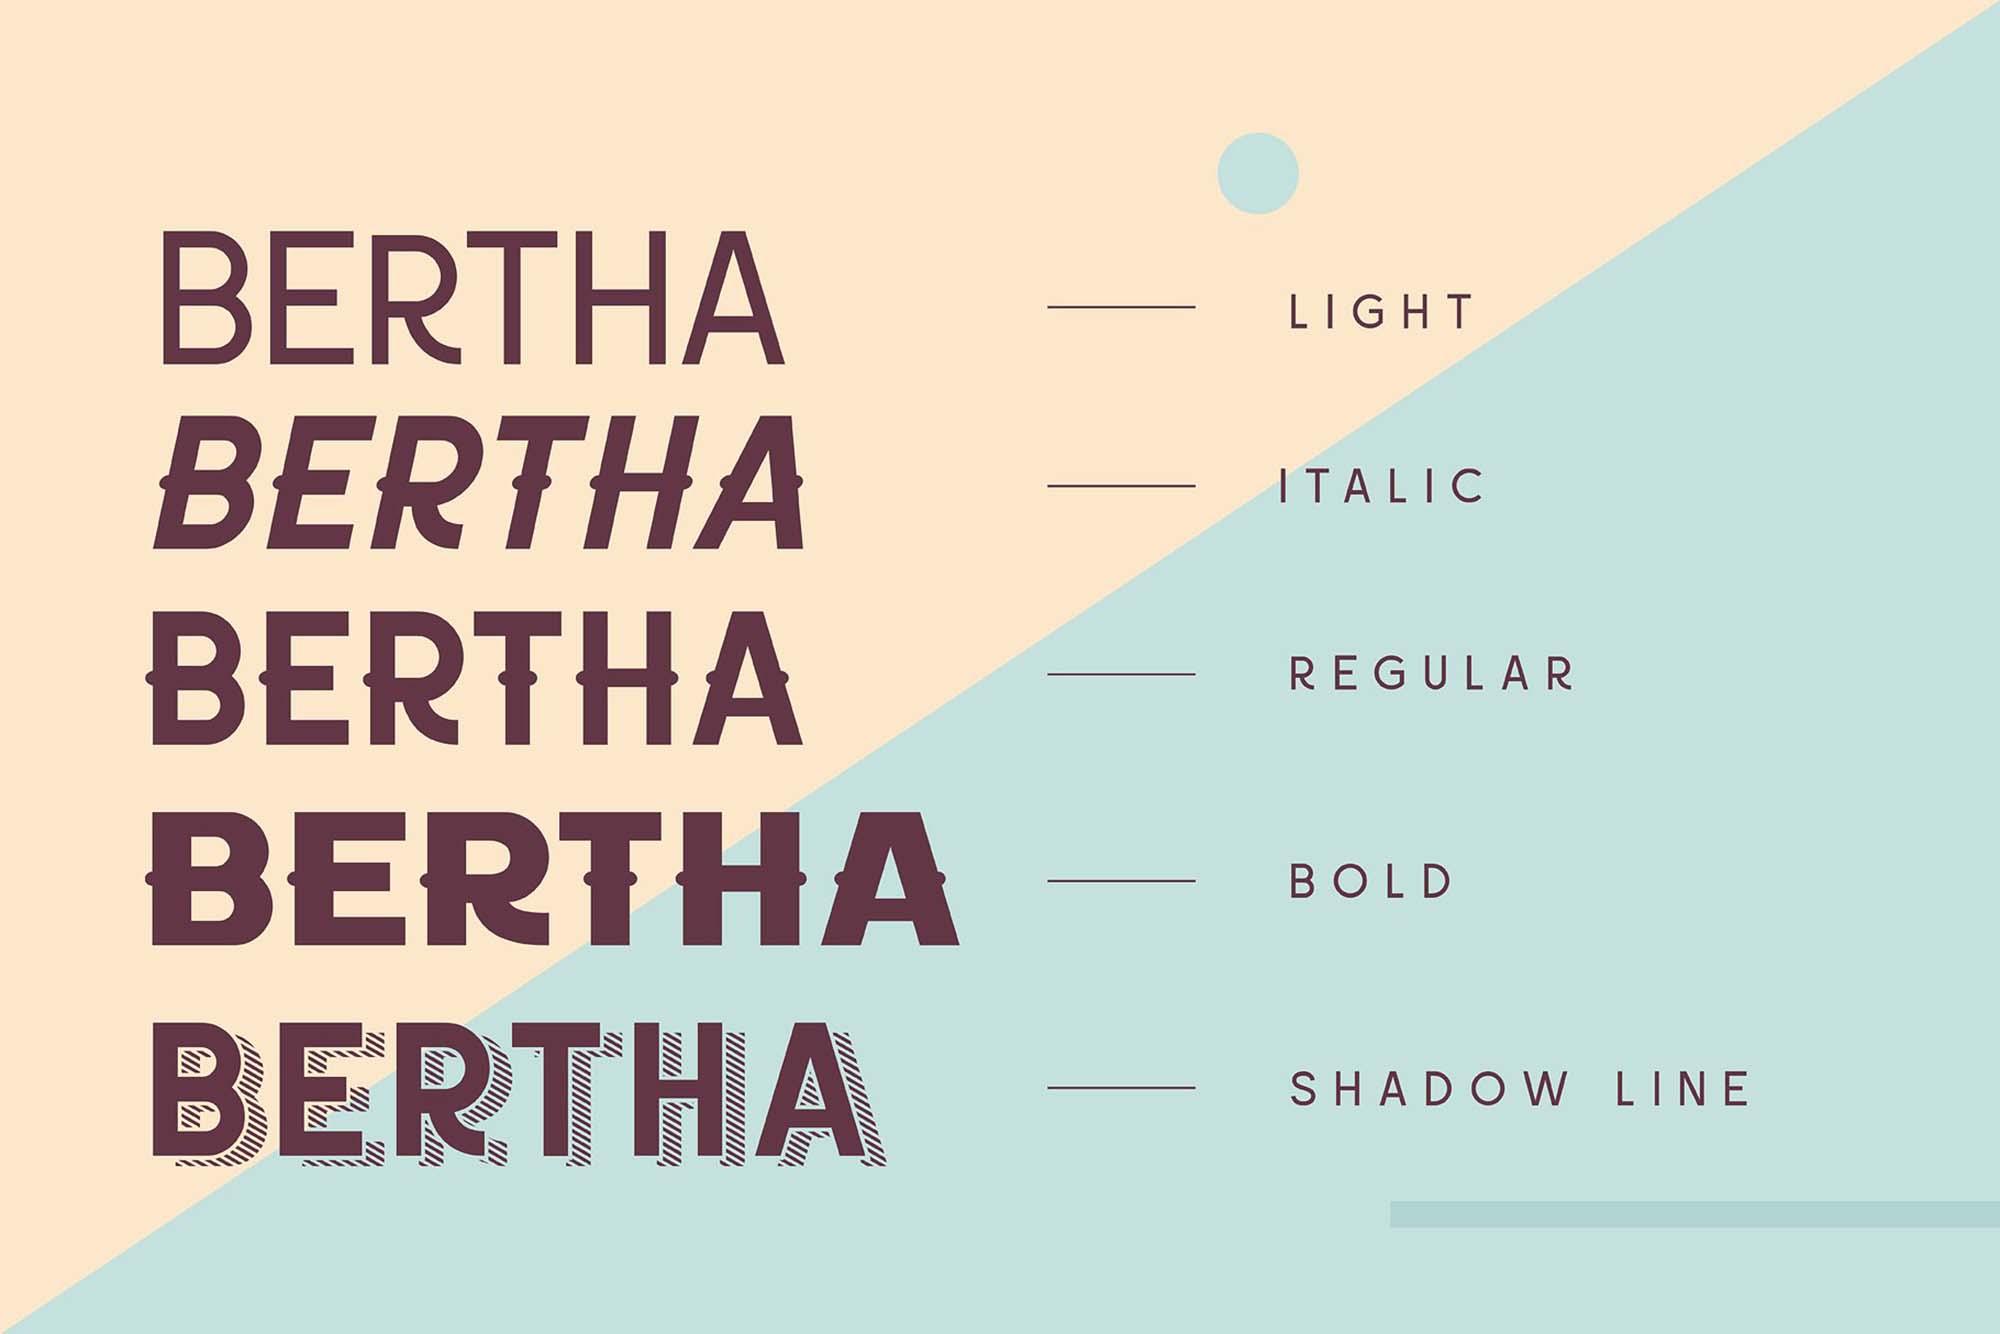 Bertha Font Weights